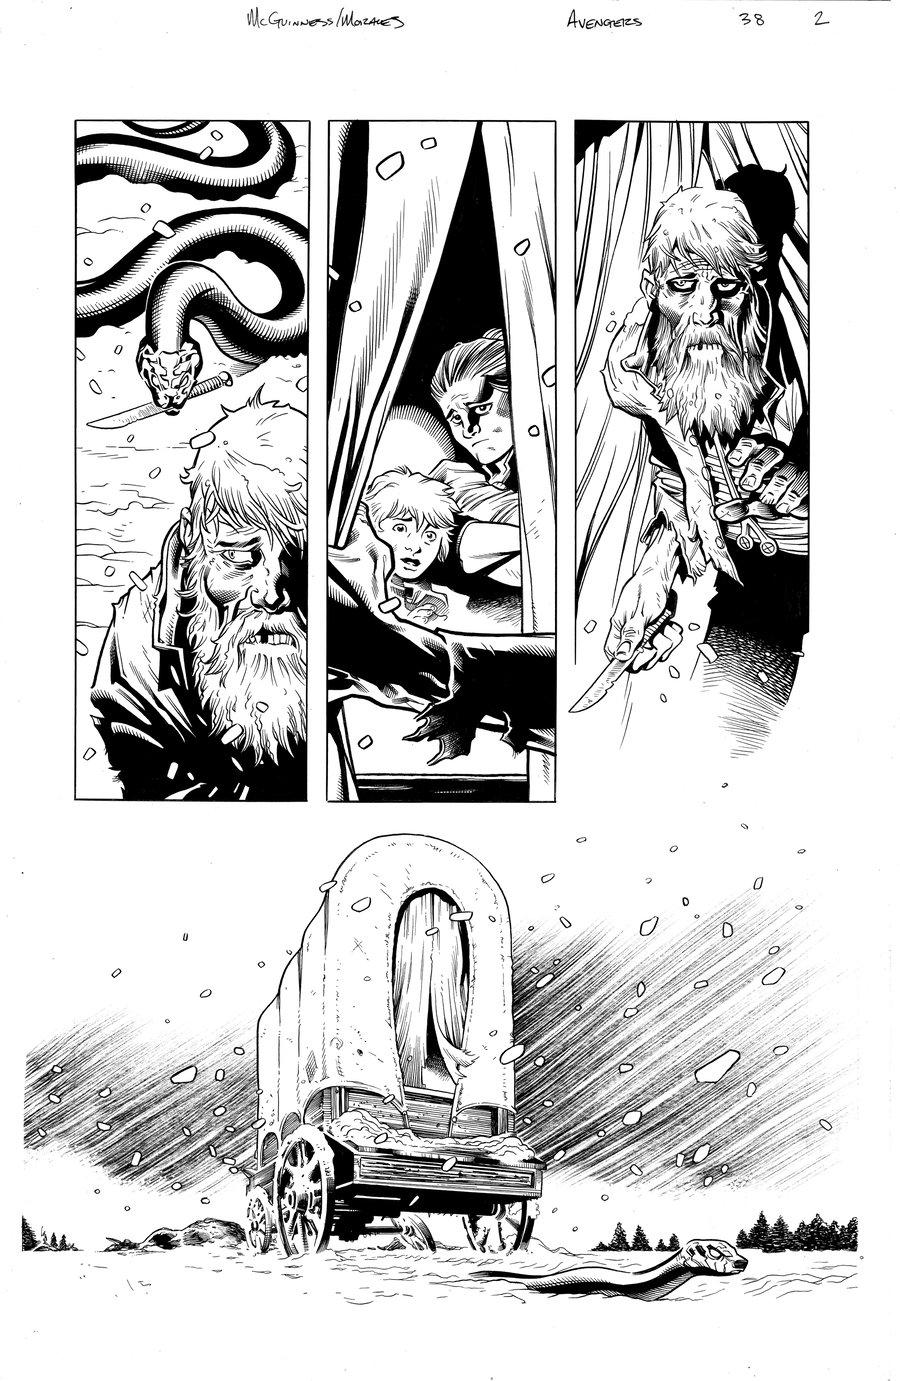 Image of Avengers (2020) #38 PG 2